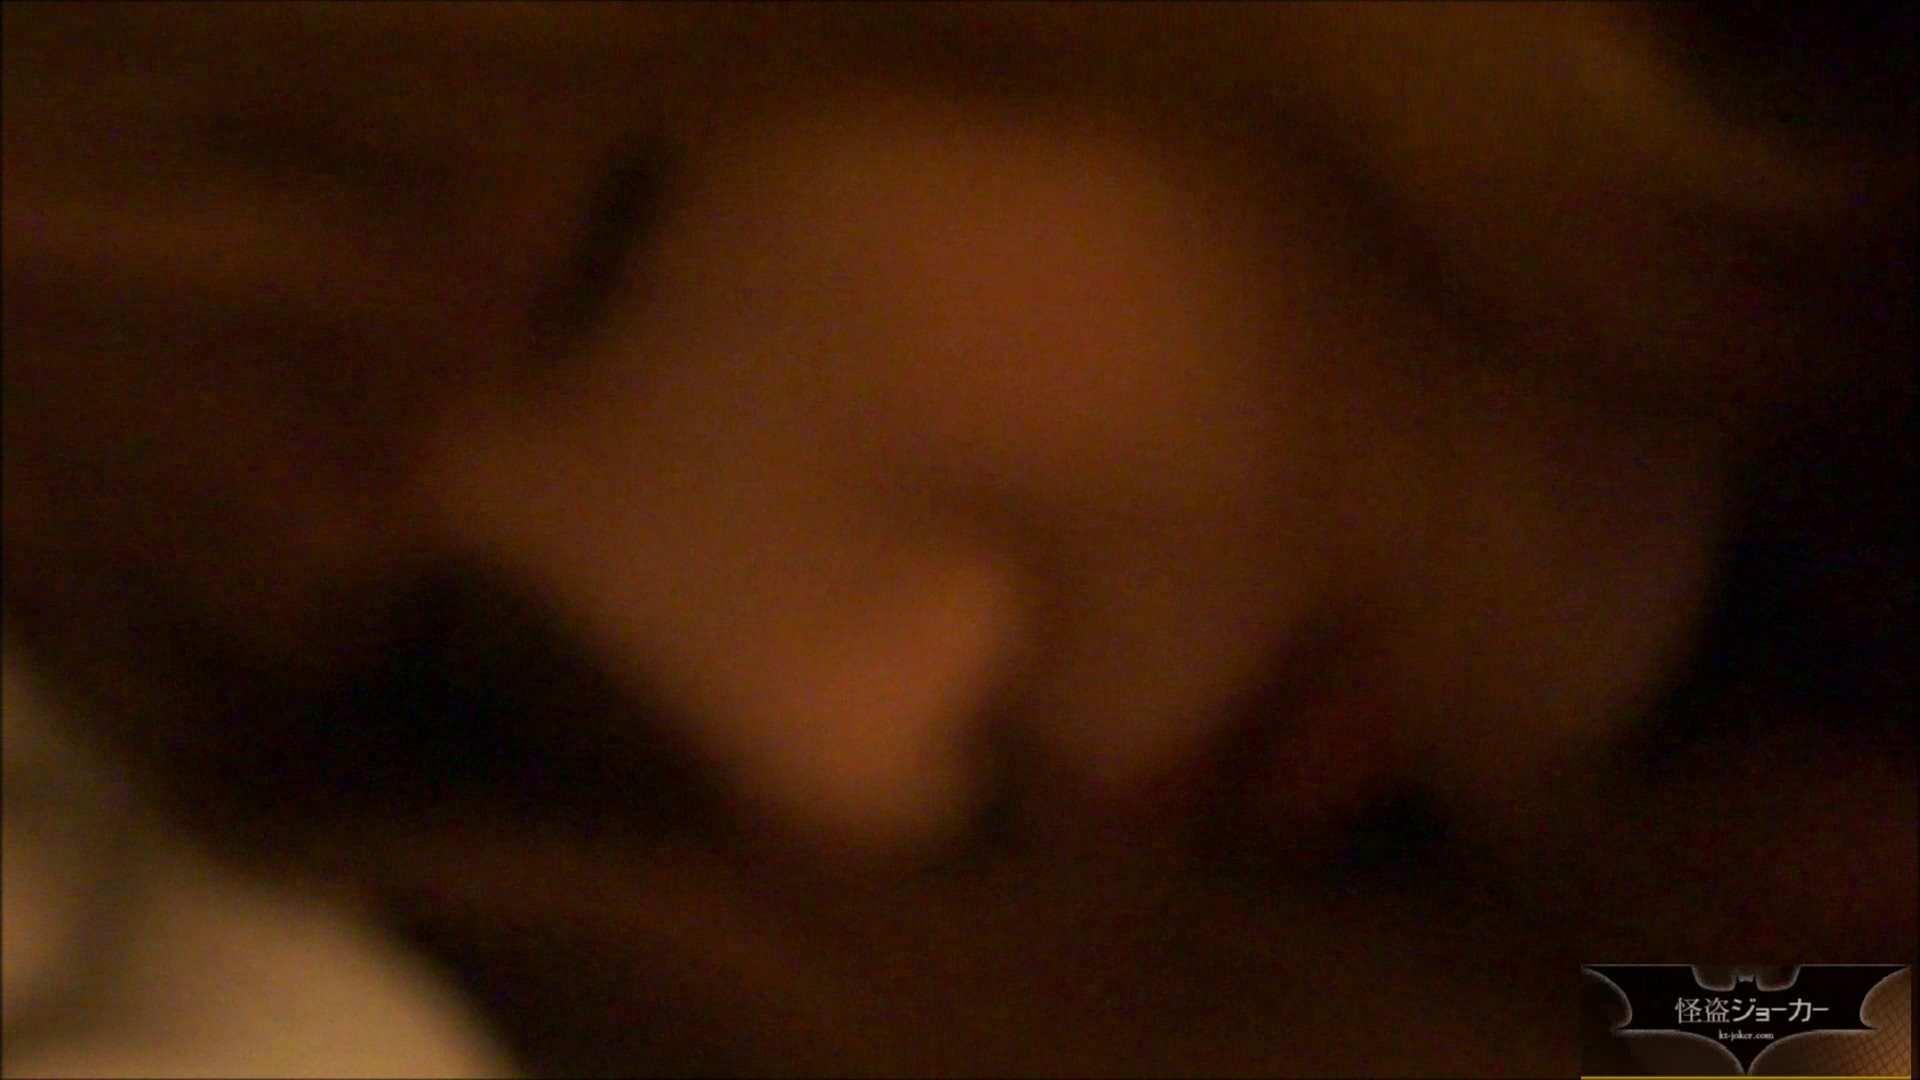 【未公開】vol.15 若ママ、絵美ちゃん・・・滴る母乳を吸い上げて。 母乳 AV無料 31画像 17